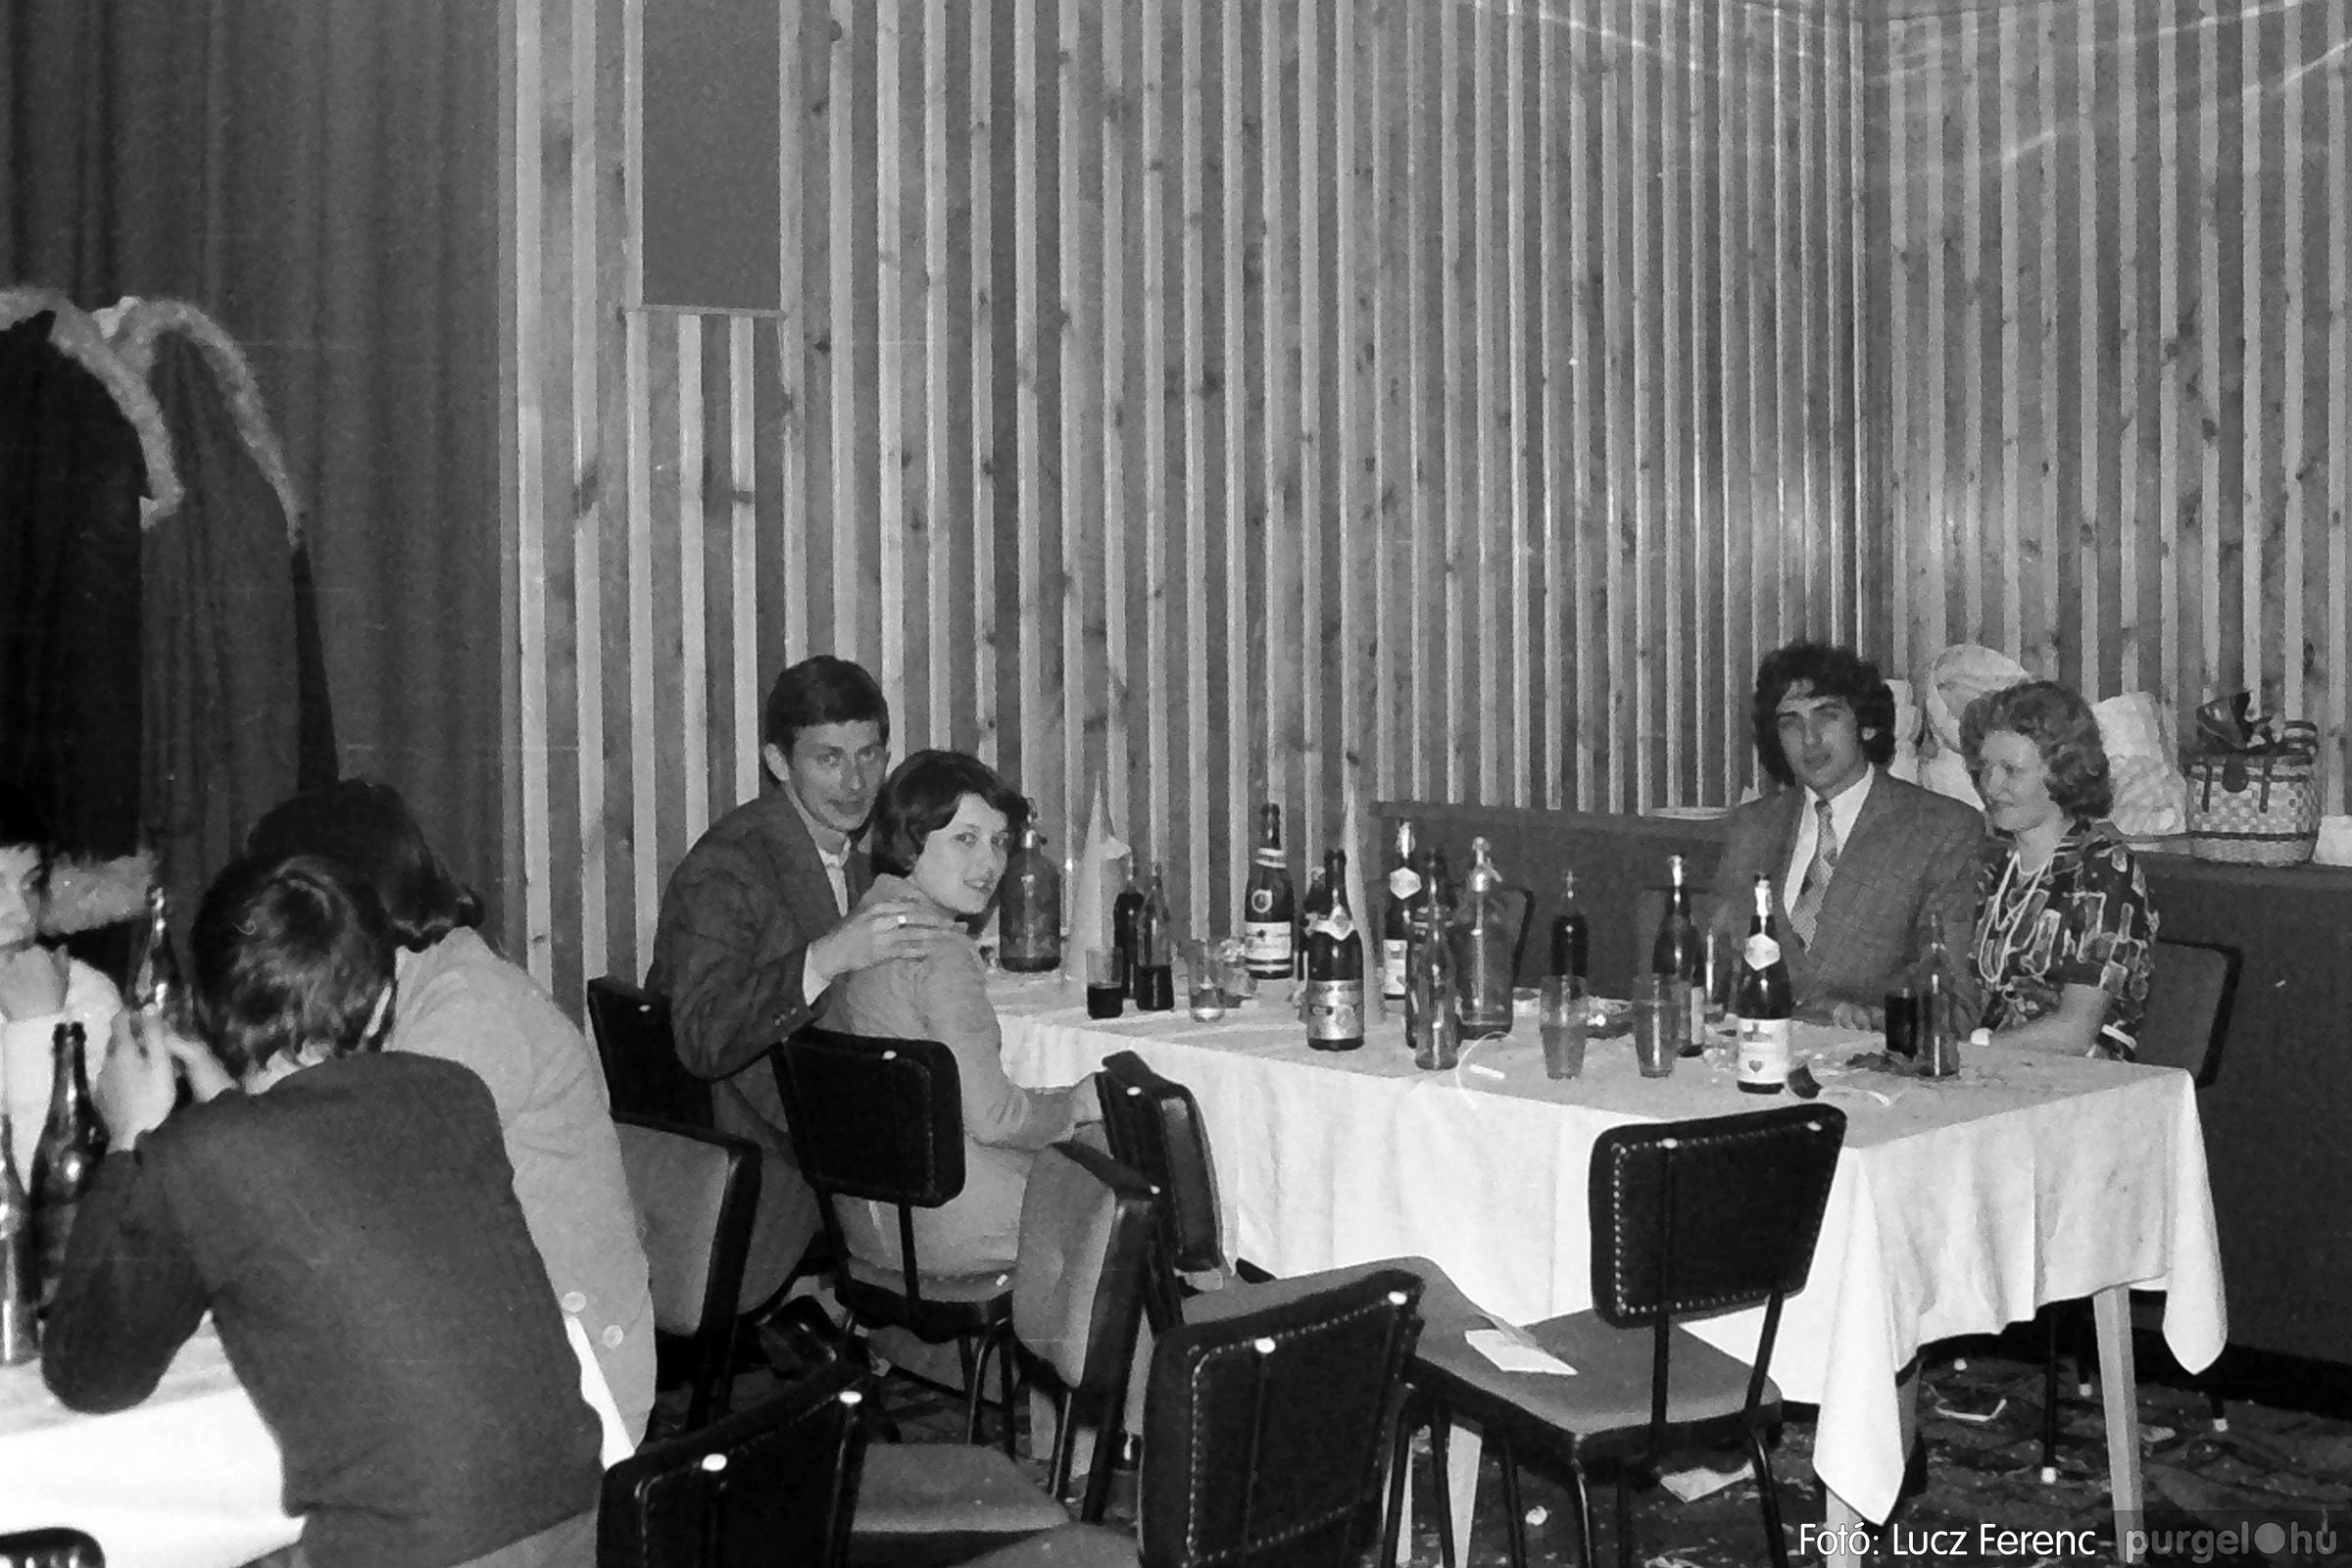 070. 1976.12.31. Szilveszter a kultúrházban 016. - Fotó: Lucz Ferenc.jpg